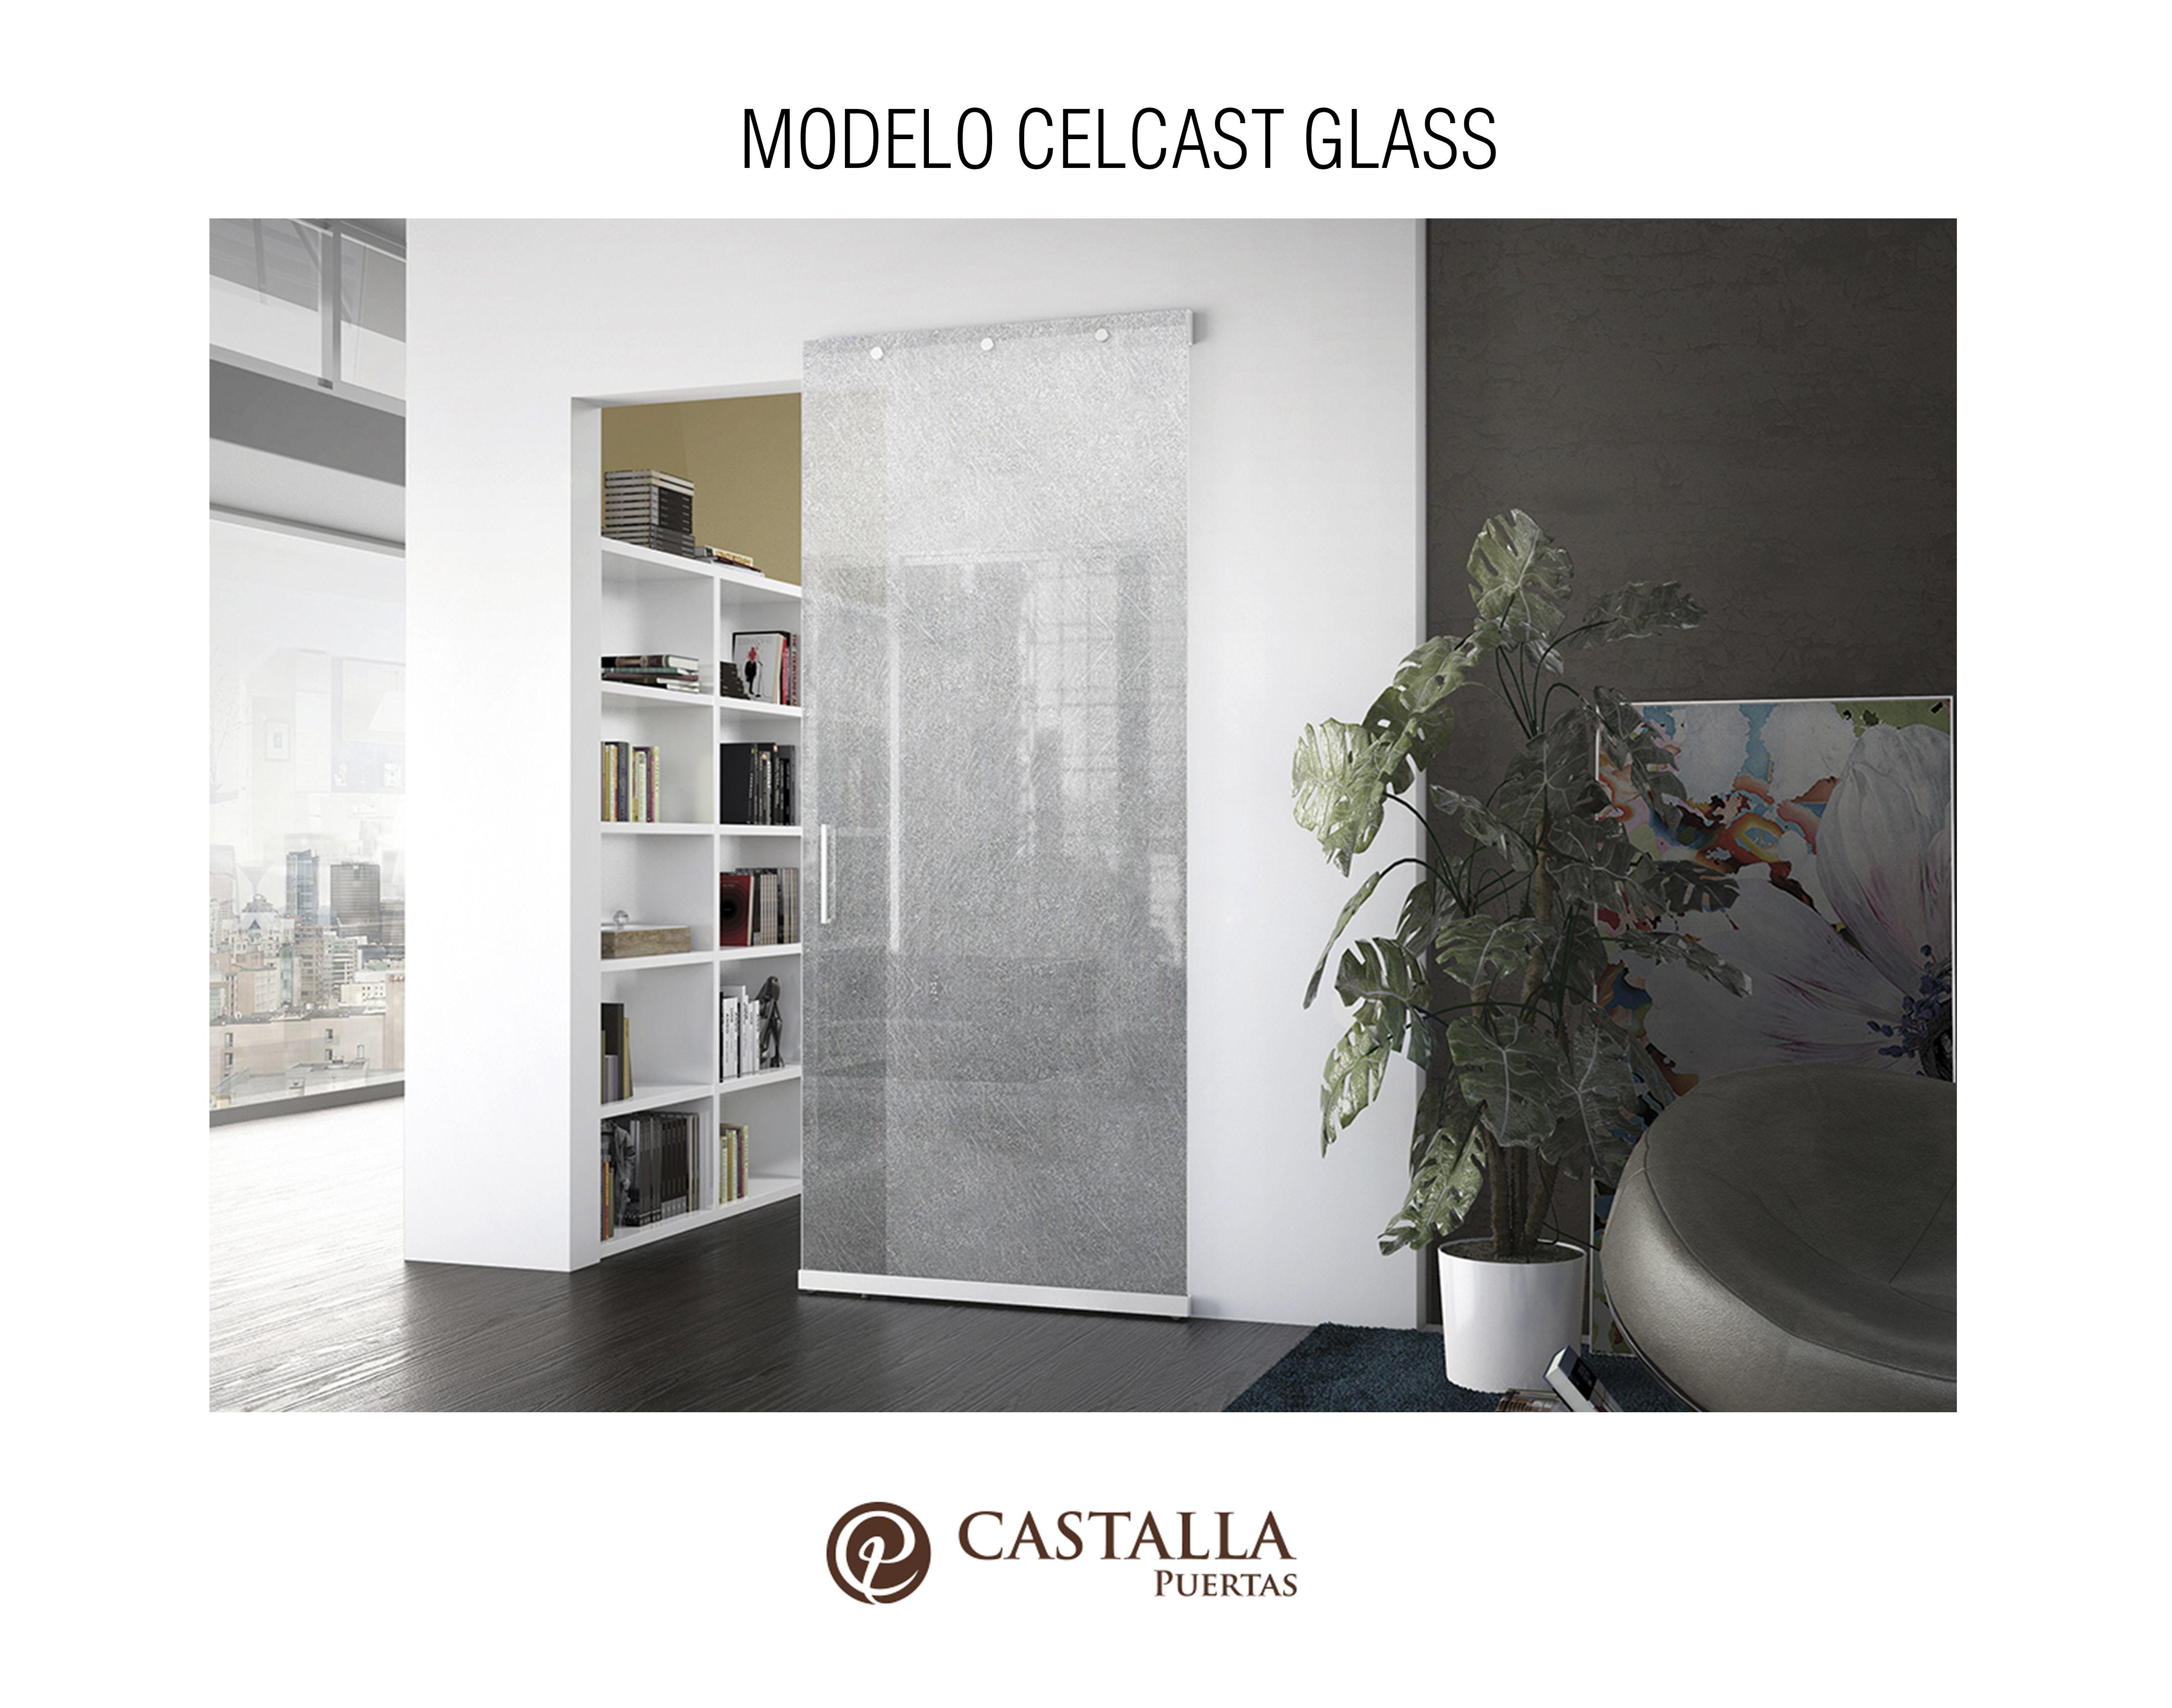 Puerta Corredera Interior Con Cristal Celcast Glass Puertas De  ~ Puerta Corredera Cristal Exterior